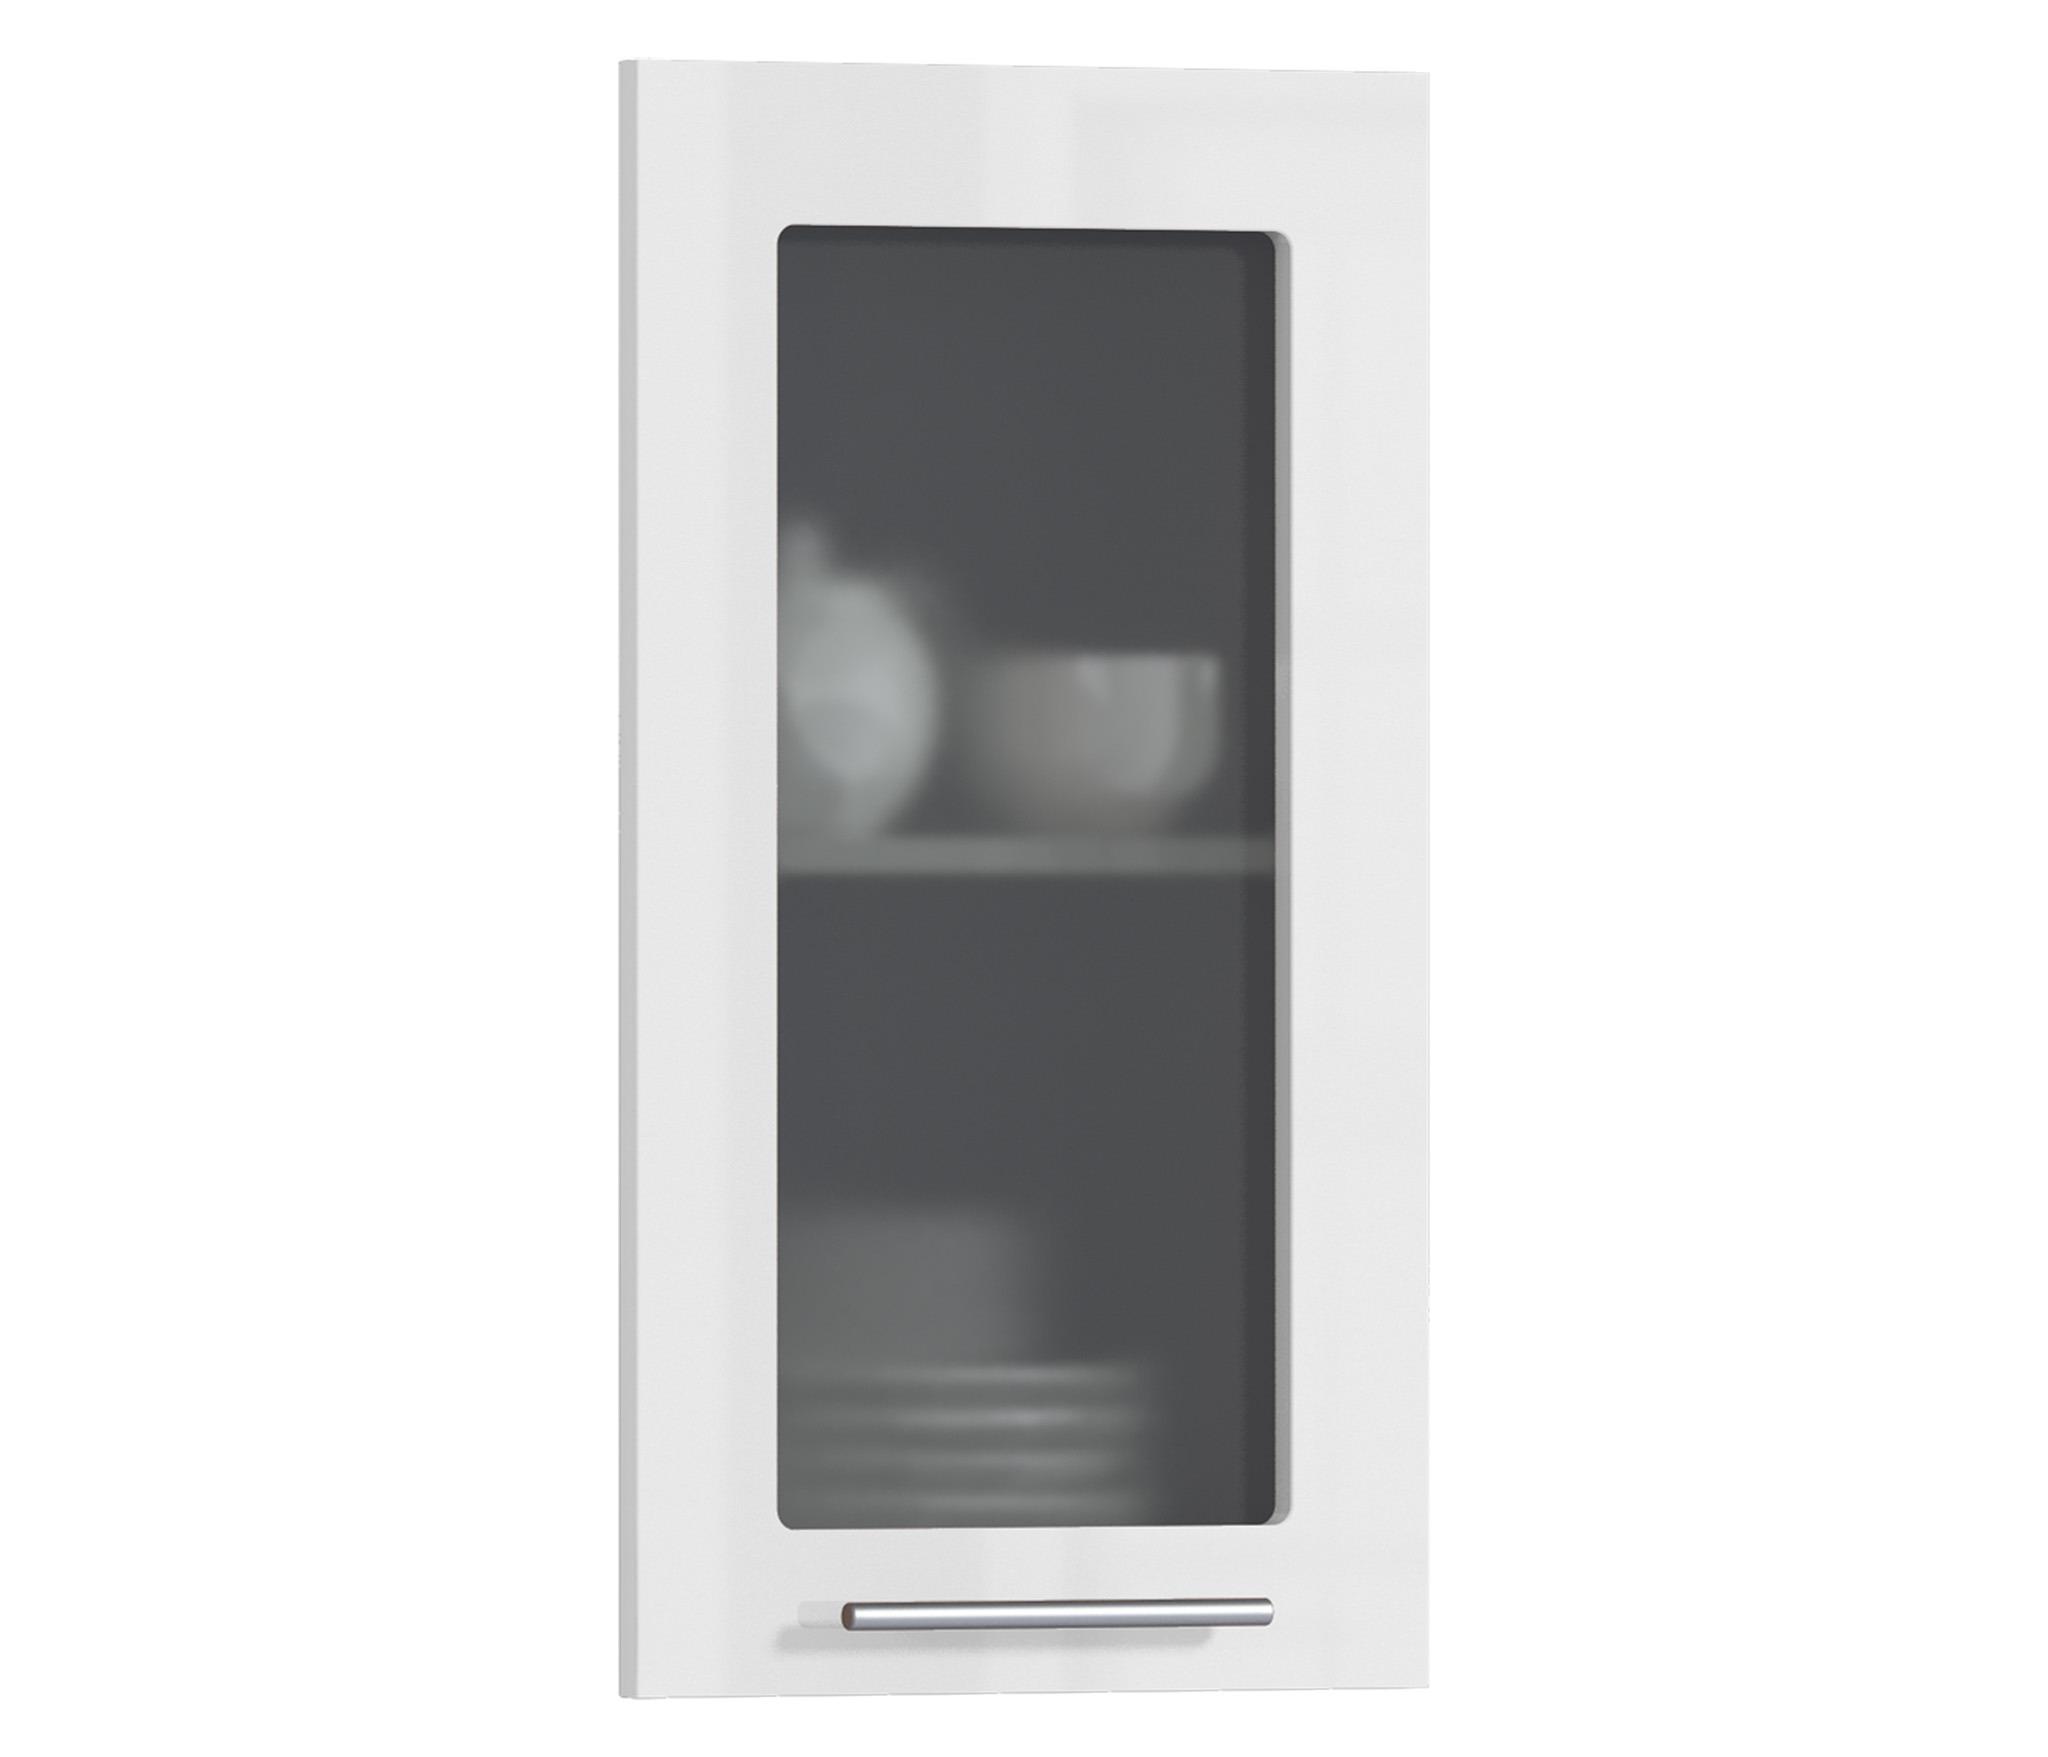 Фасад Анна ФВ-40 к корпусу АП-40, АП-80Мебель для кухни<br>Элемент для оформления дверцы кухонного шкафа.<br><br>Длина мм: 396<br>Высота мм: 713<br>Глубина мм: 21